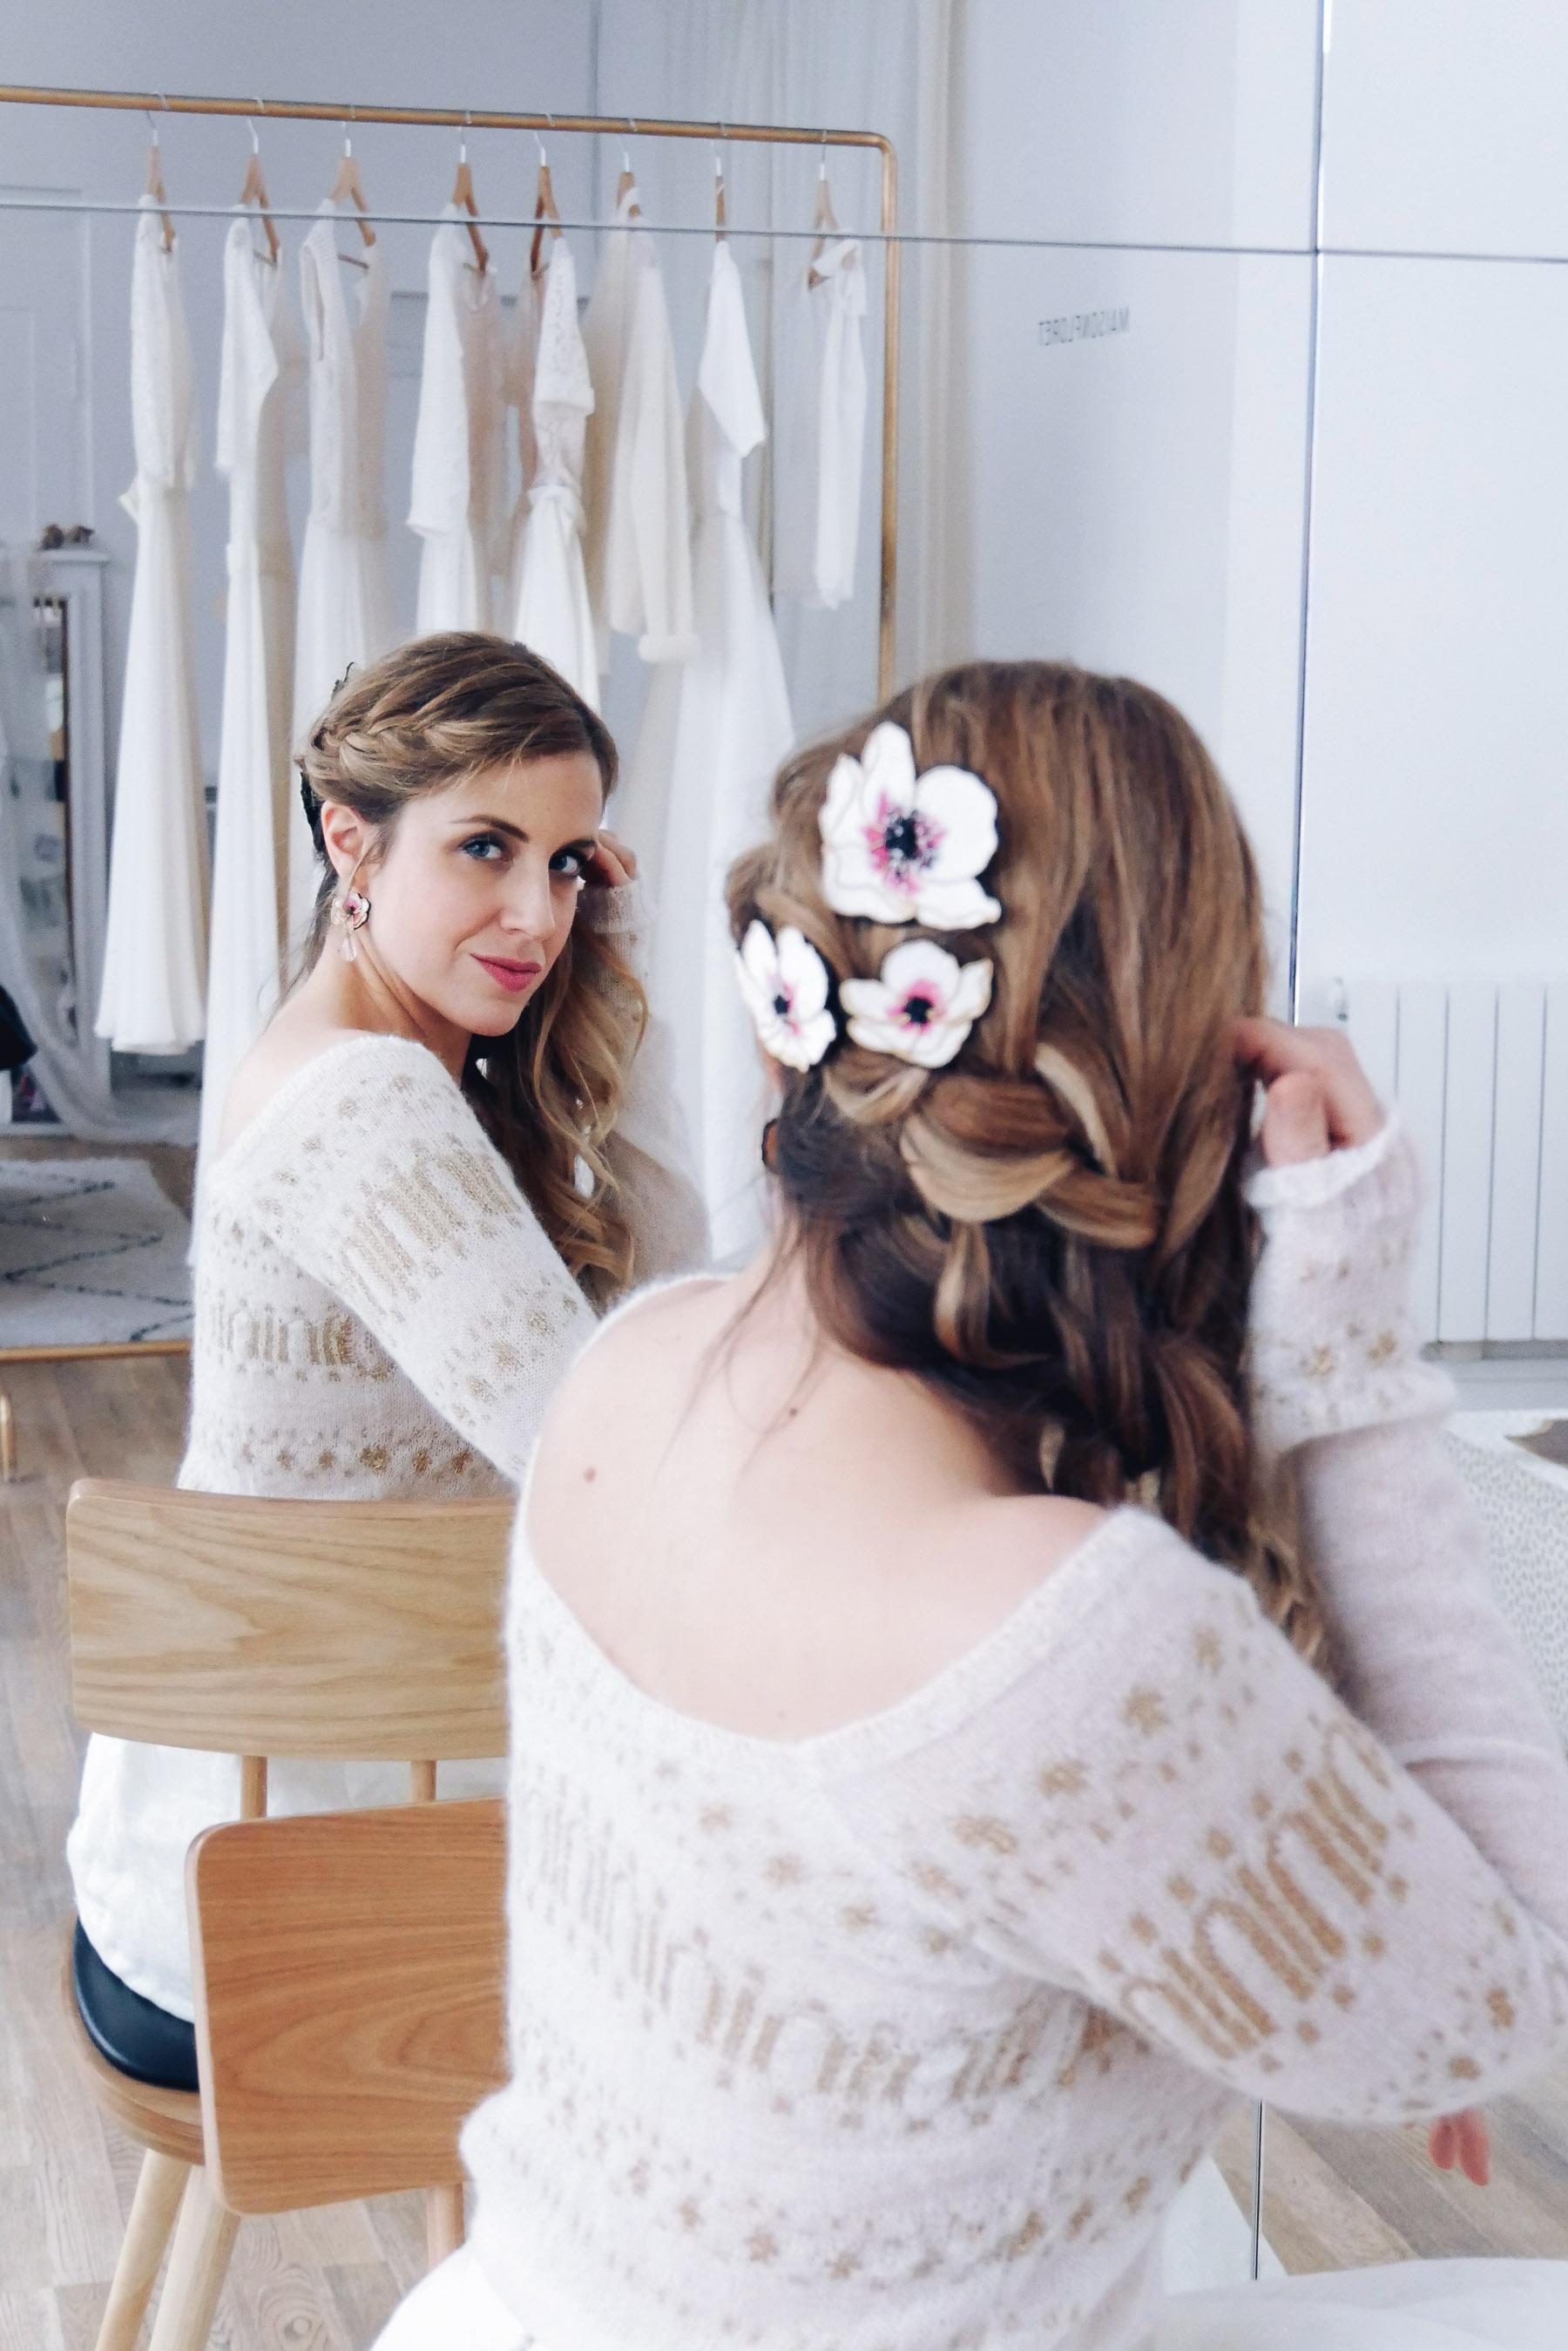 Bijoux de cheveux fait main Nini Peony collaboration La Fiancee du Panda blog mariage et lifestyle-1180534